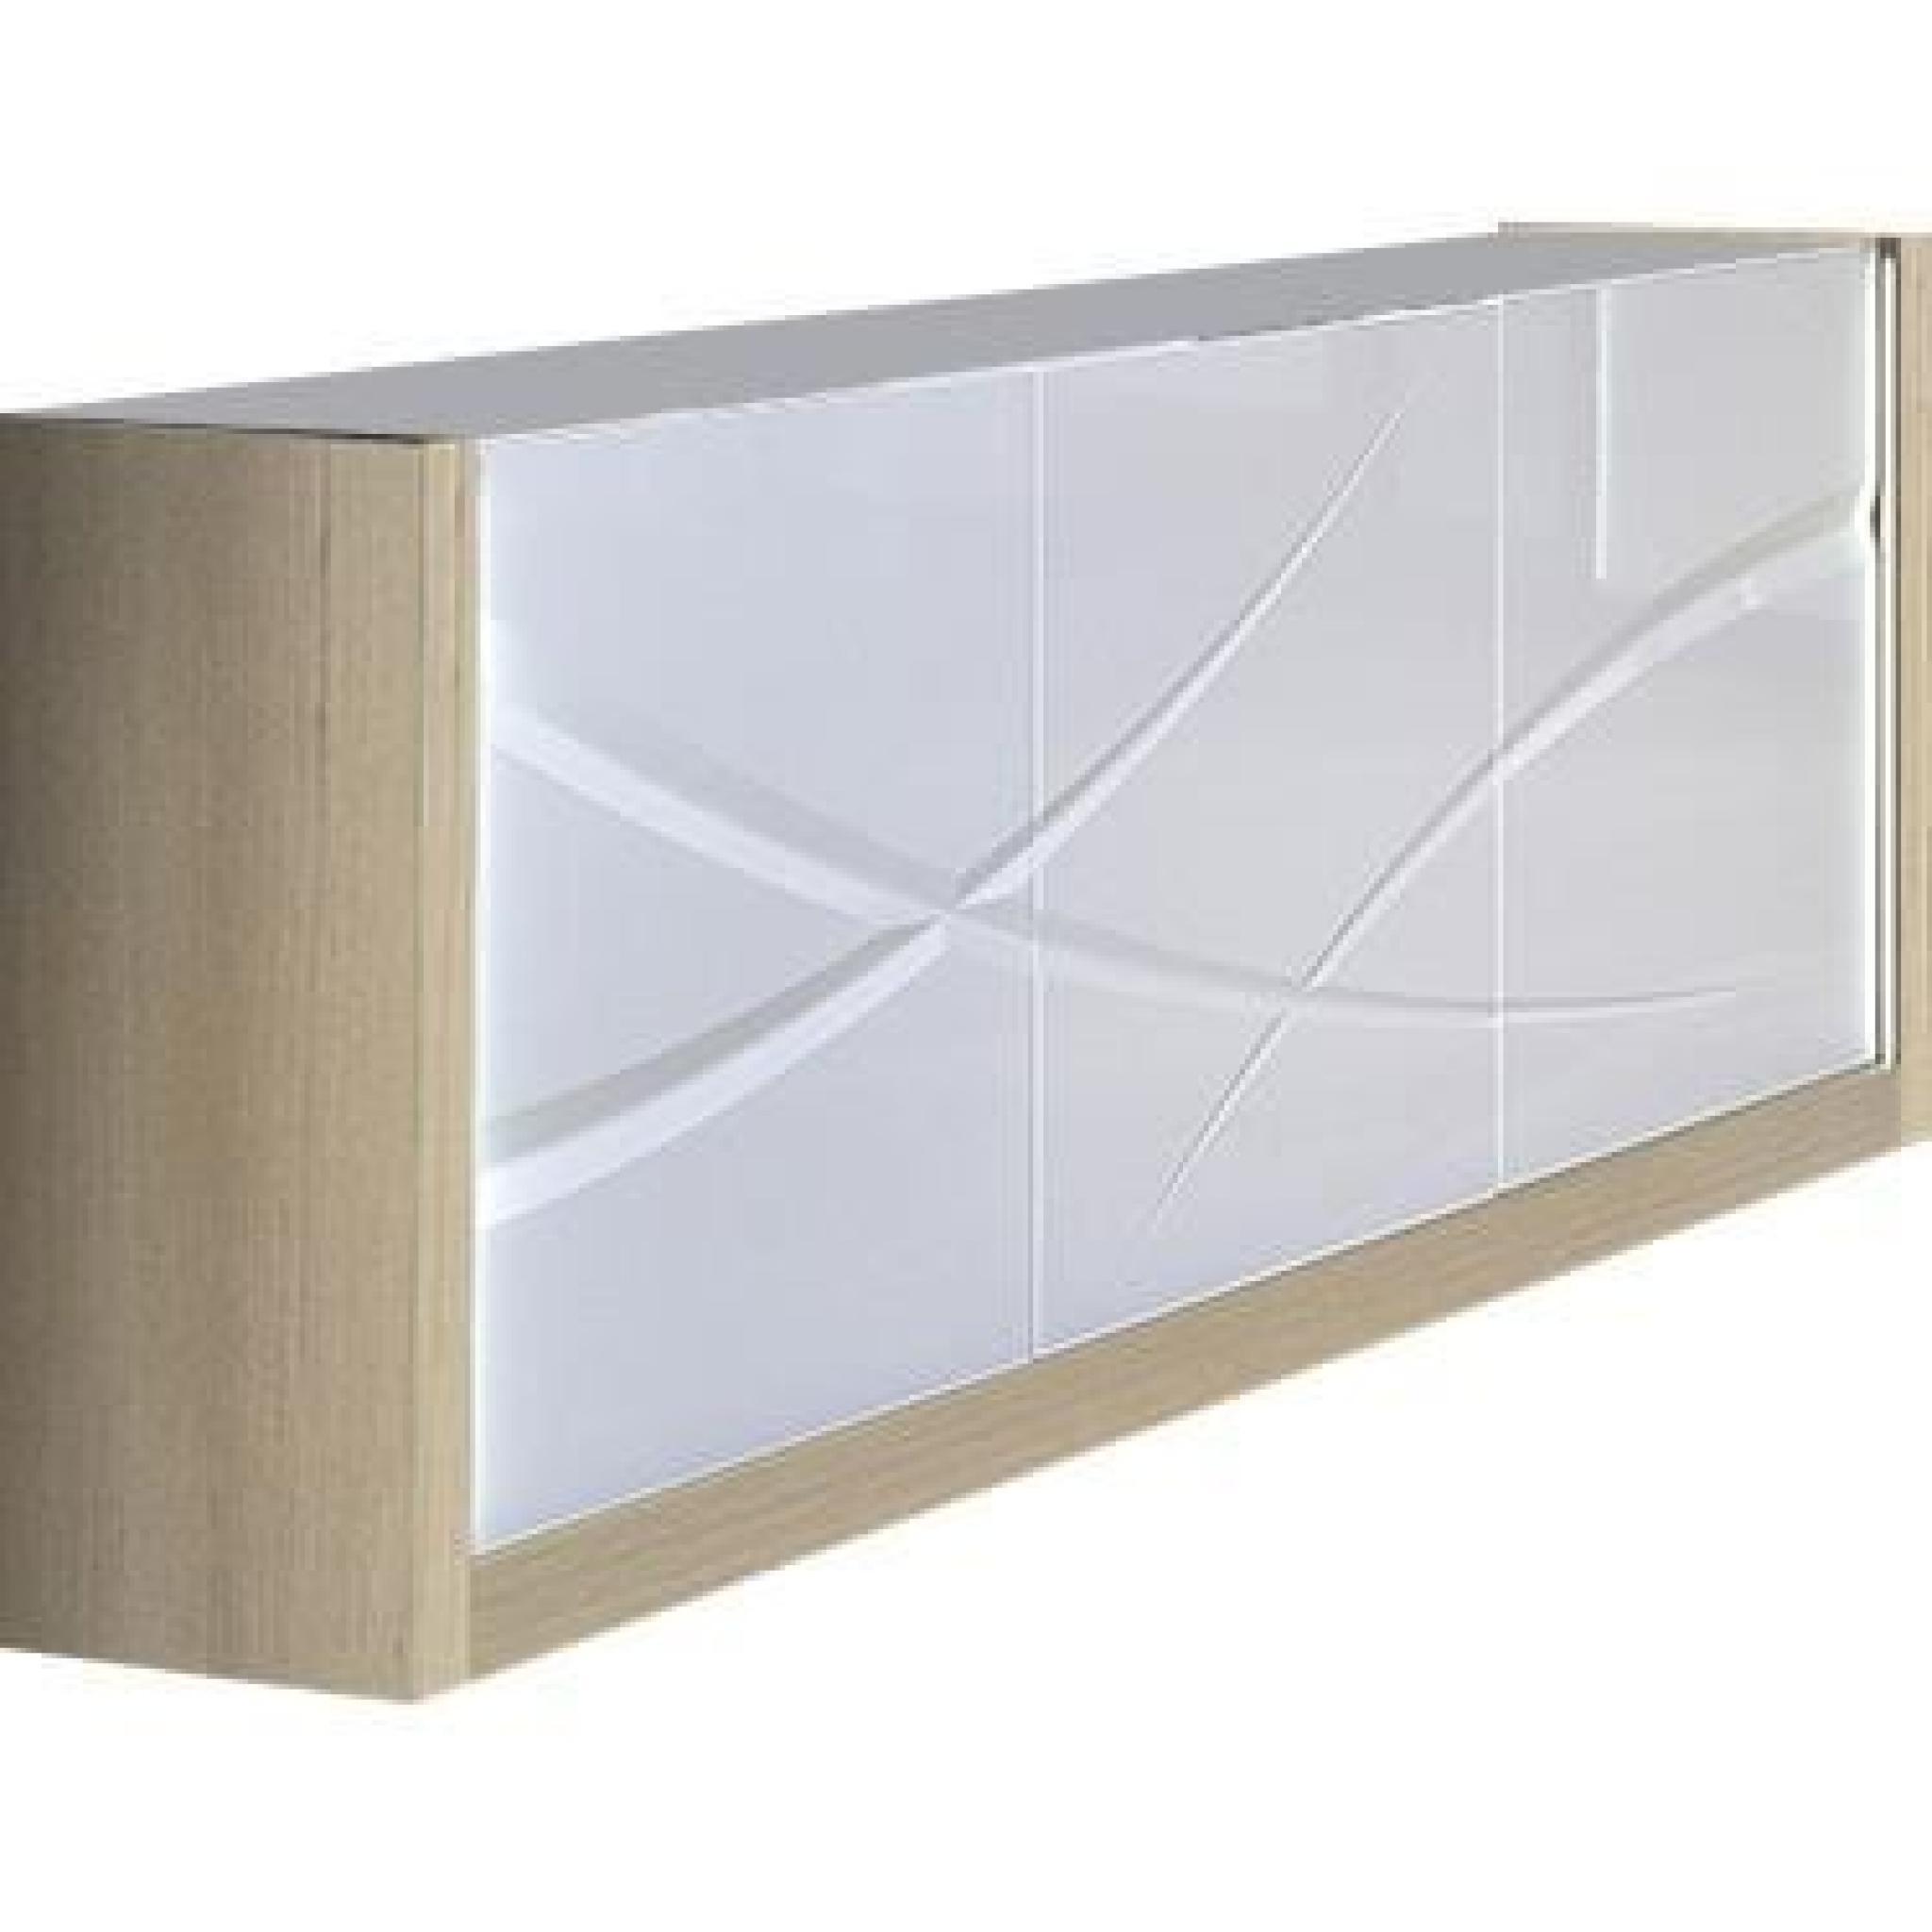 Bahut moderne 3 portes coloris blanc laqu et bois avec - Bahut blanc laque pas cher ...